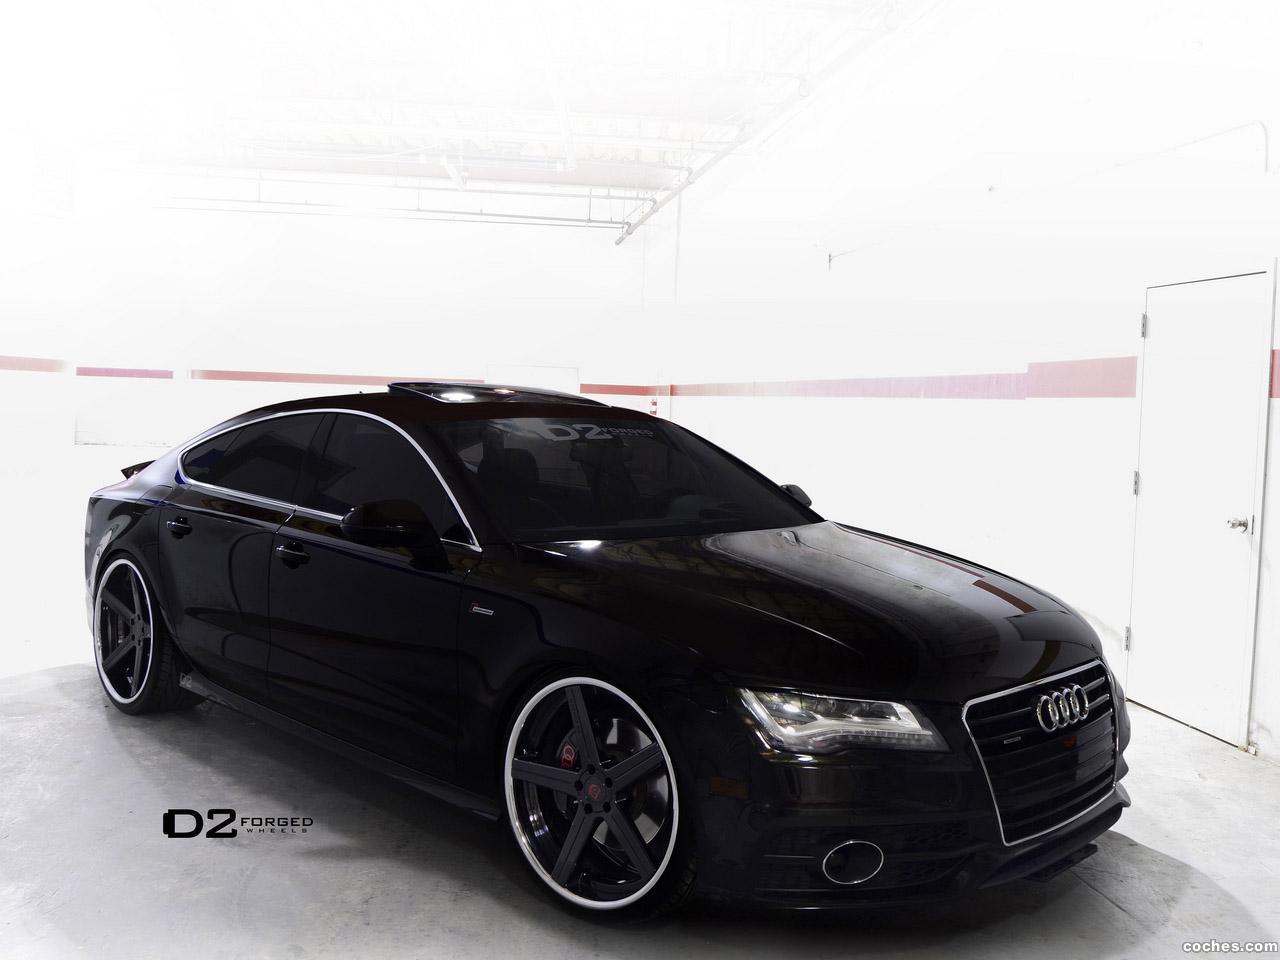 Foto 0 de Audi A7 D2Forged CV2 2013